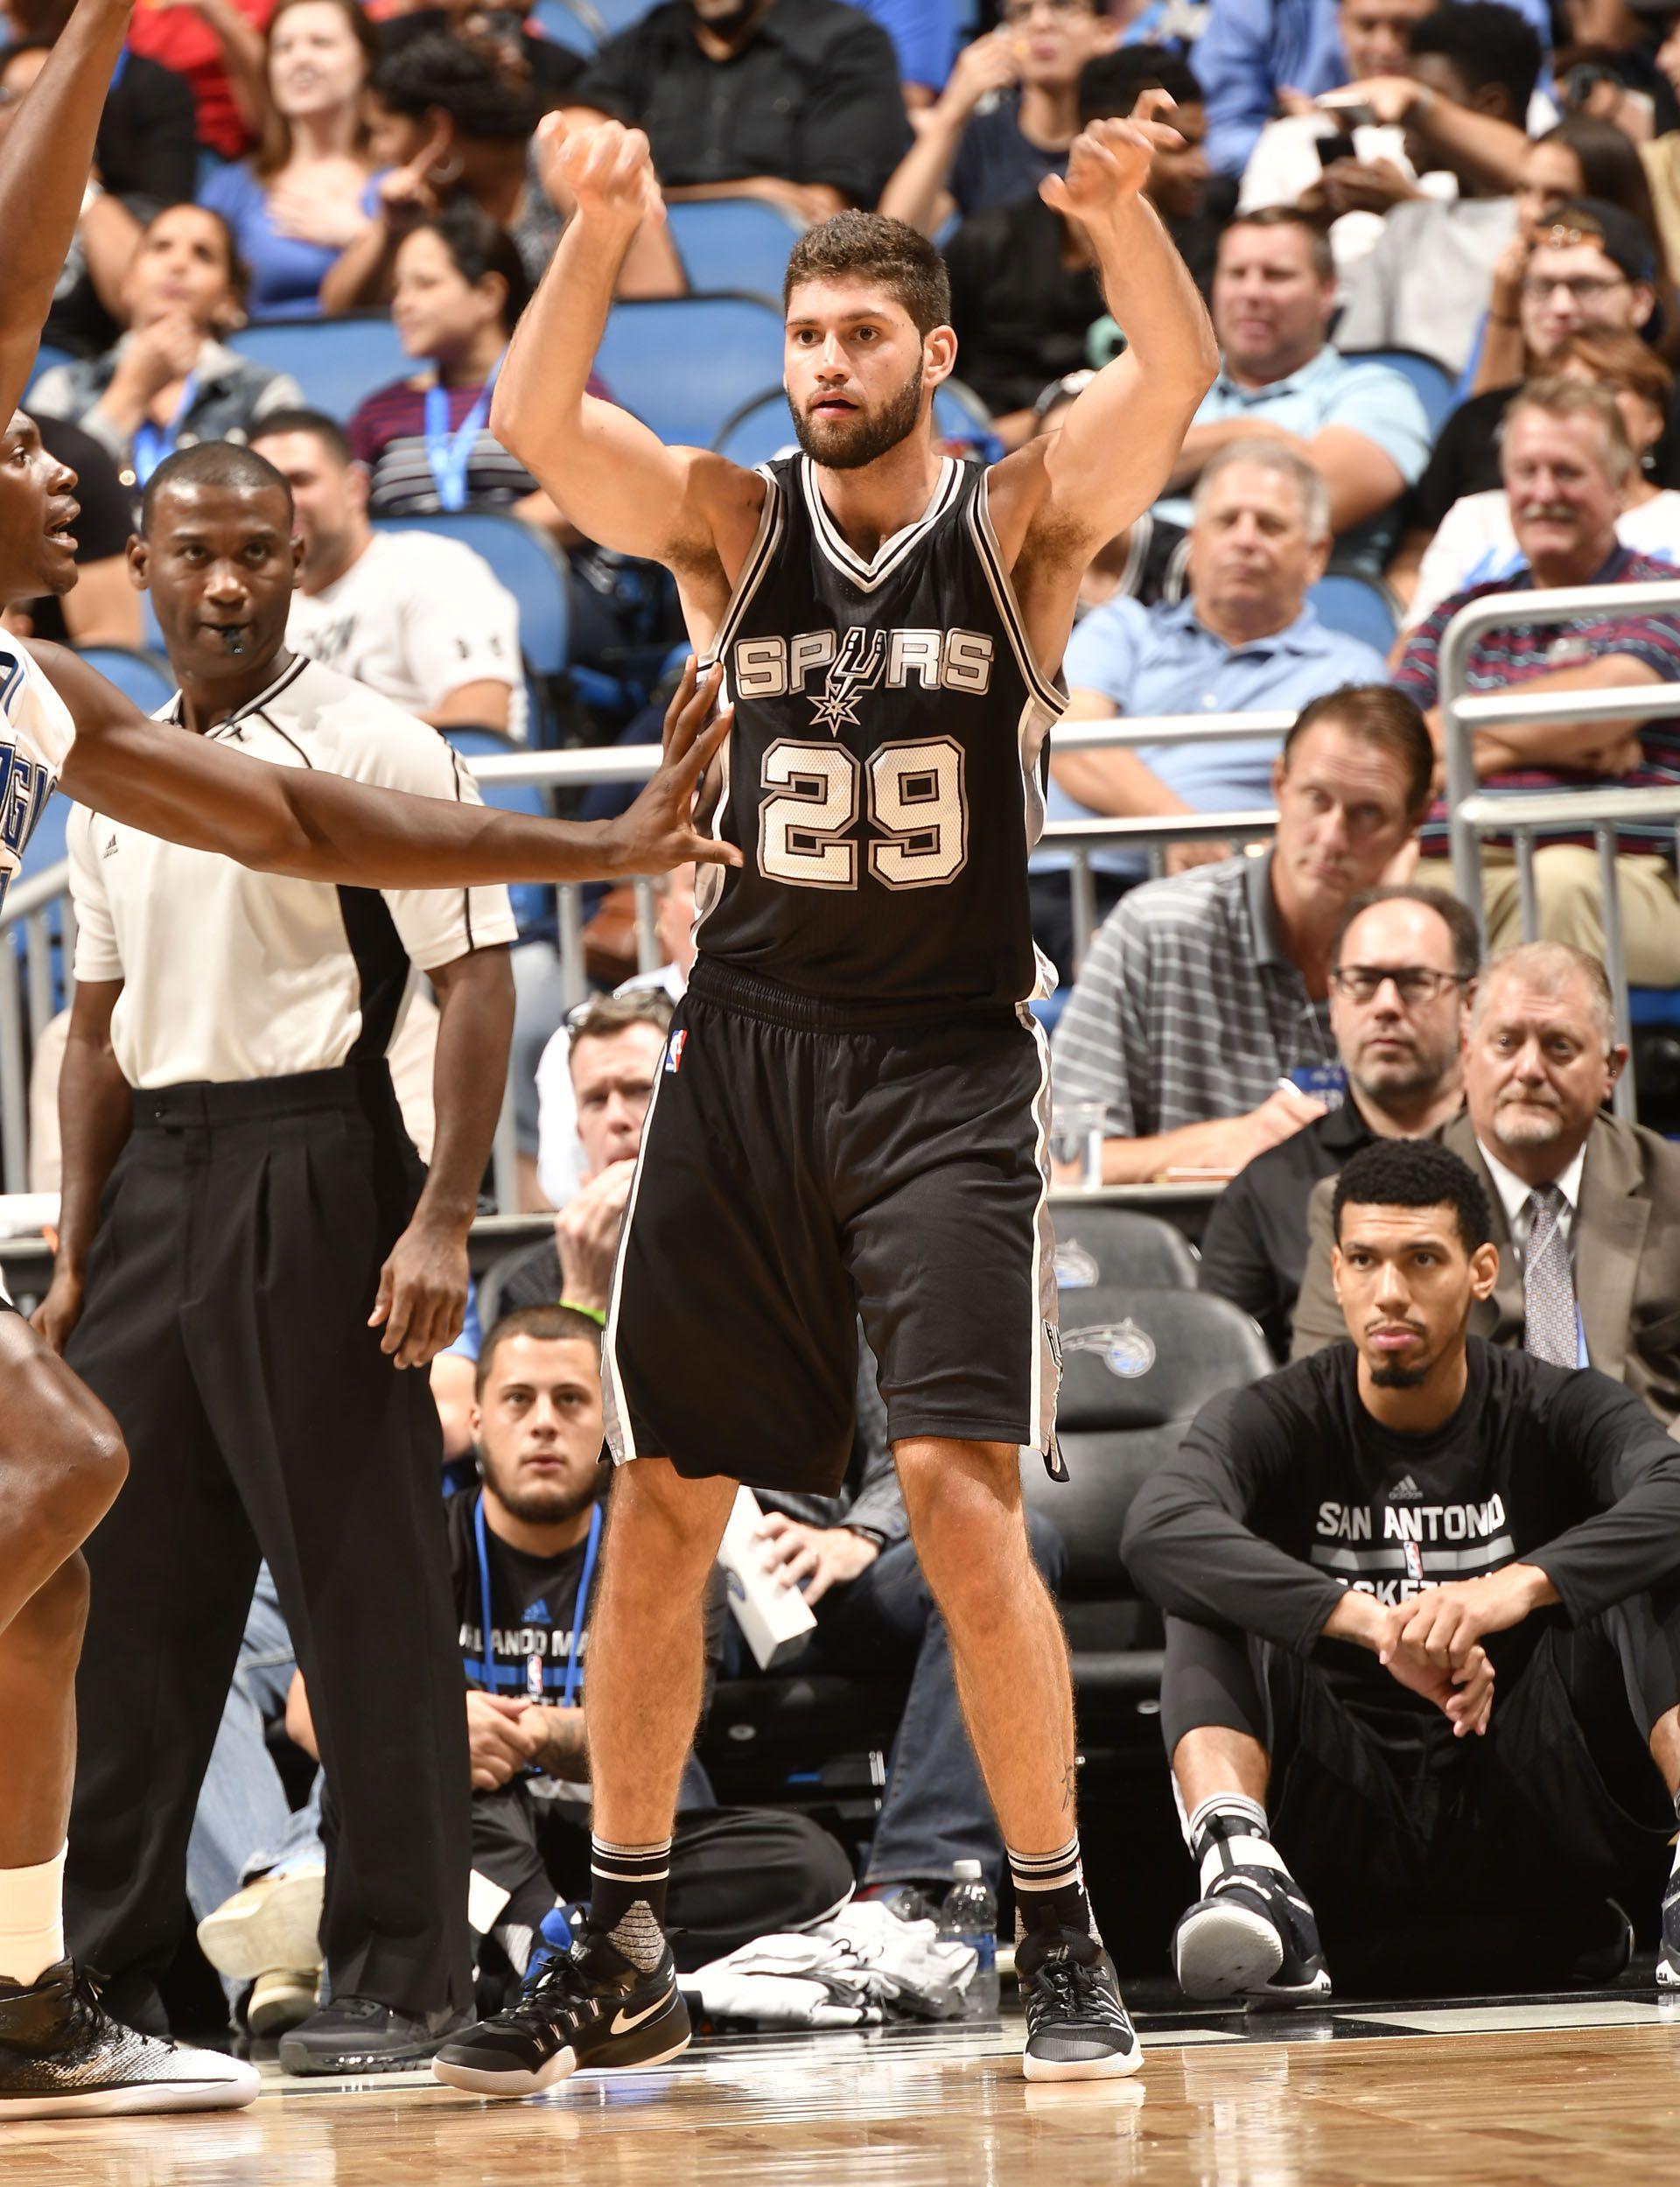 Patricio Garino puja por un lugar en el plantel de los San Antonio Spurs, pero luego recaló en Orlando Magic (AFP)